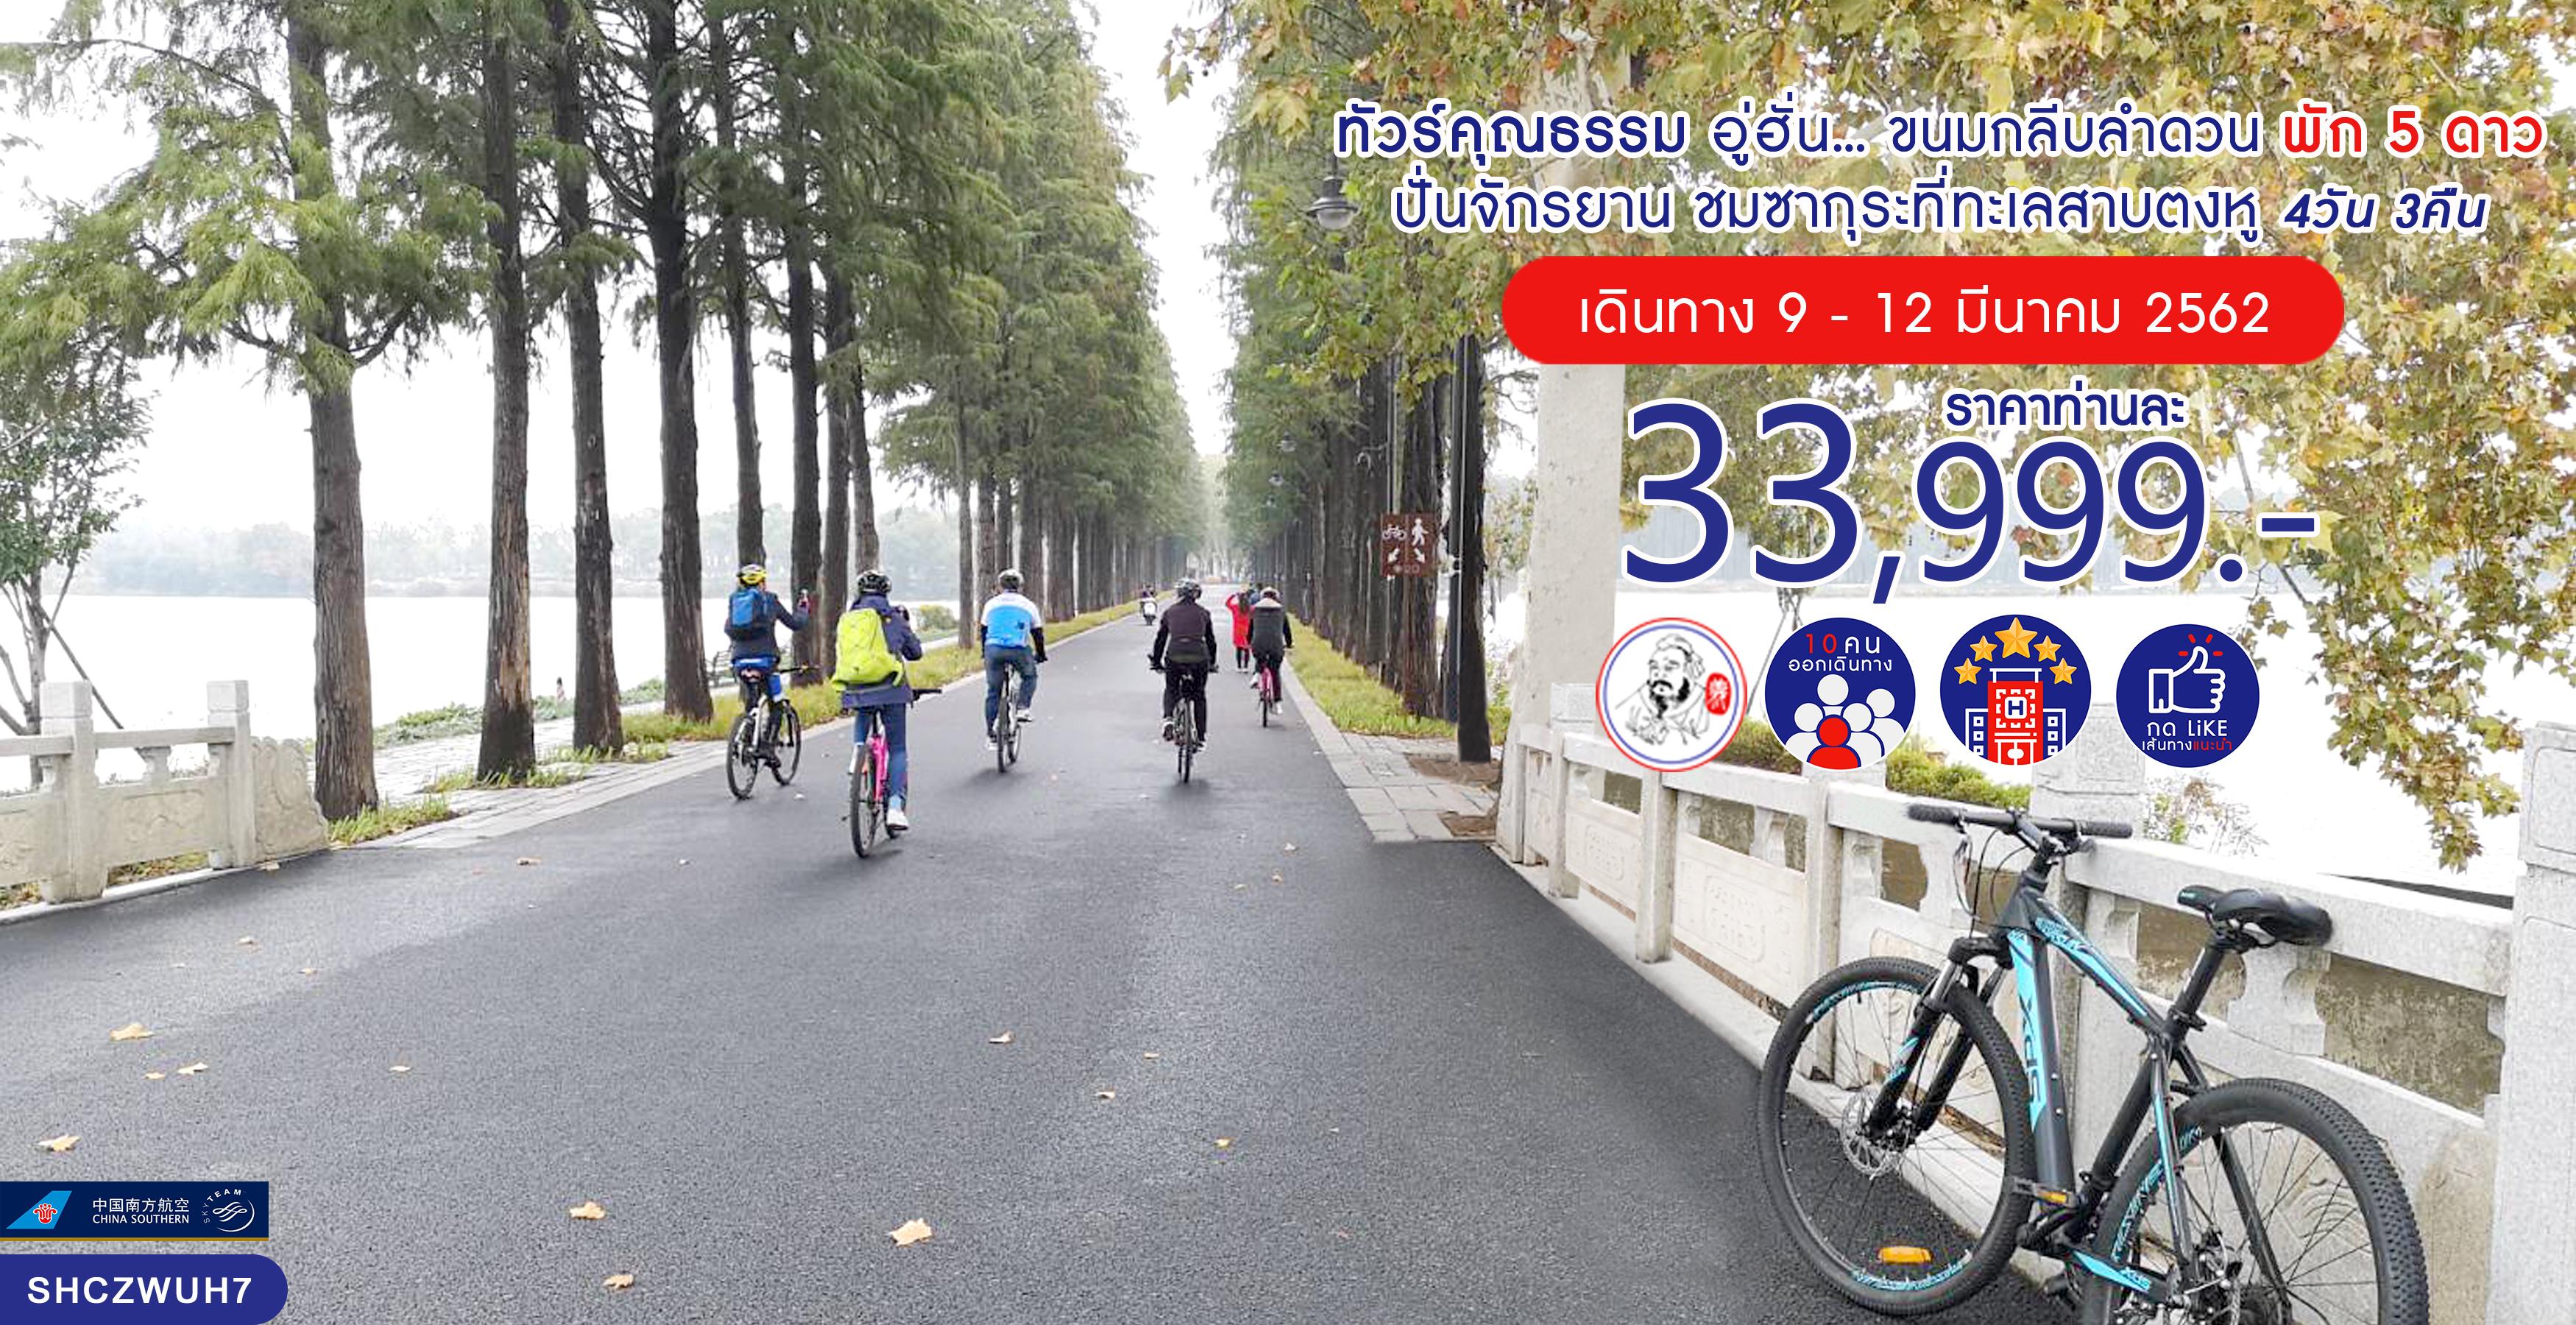 ทัวร์จีน ทัวร์คุณธรรม ทัวร์อู่ฮั่น...ขนมกลีบลำดวน ปั่นจักรยาน ชมซากุระที่ทะเลสาบตงหู 4 วัน 3 คืน (CZ)